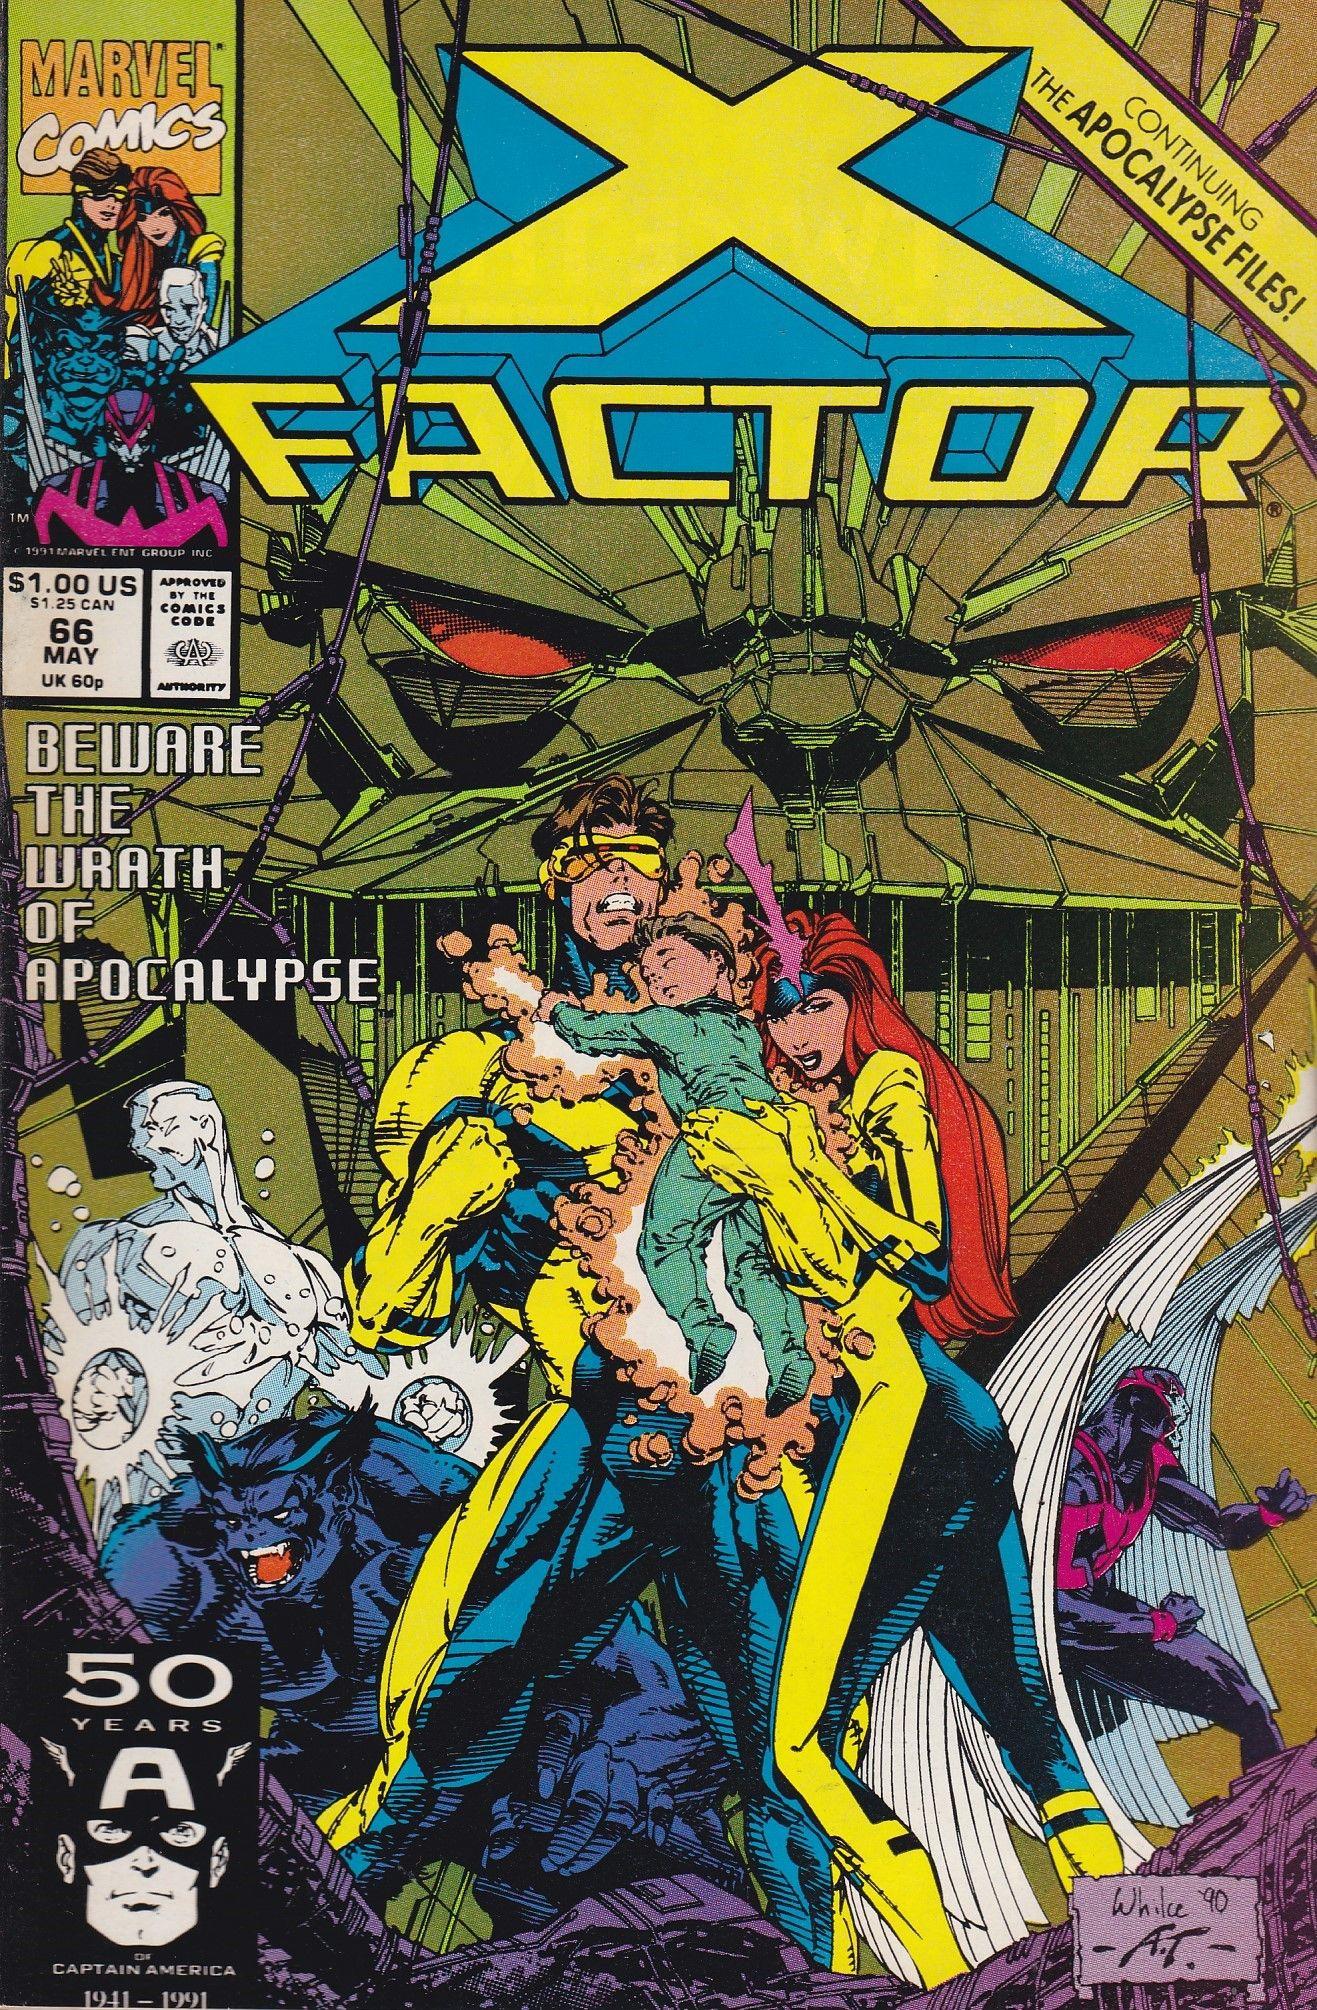 X Factor 66 Marvel Comics Vol 1 With Images Comics Comic Books Marvel Comics Covers